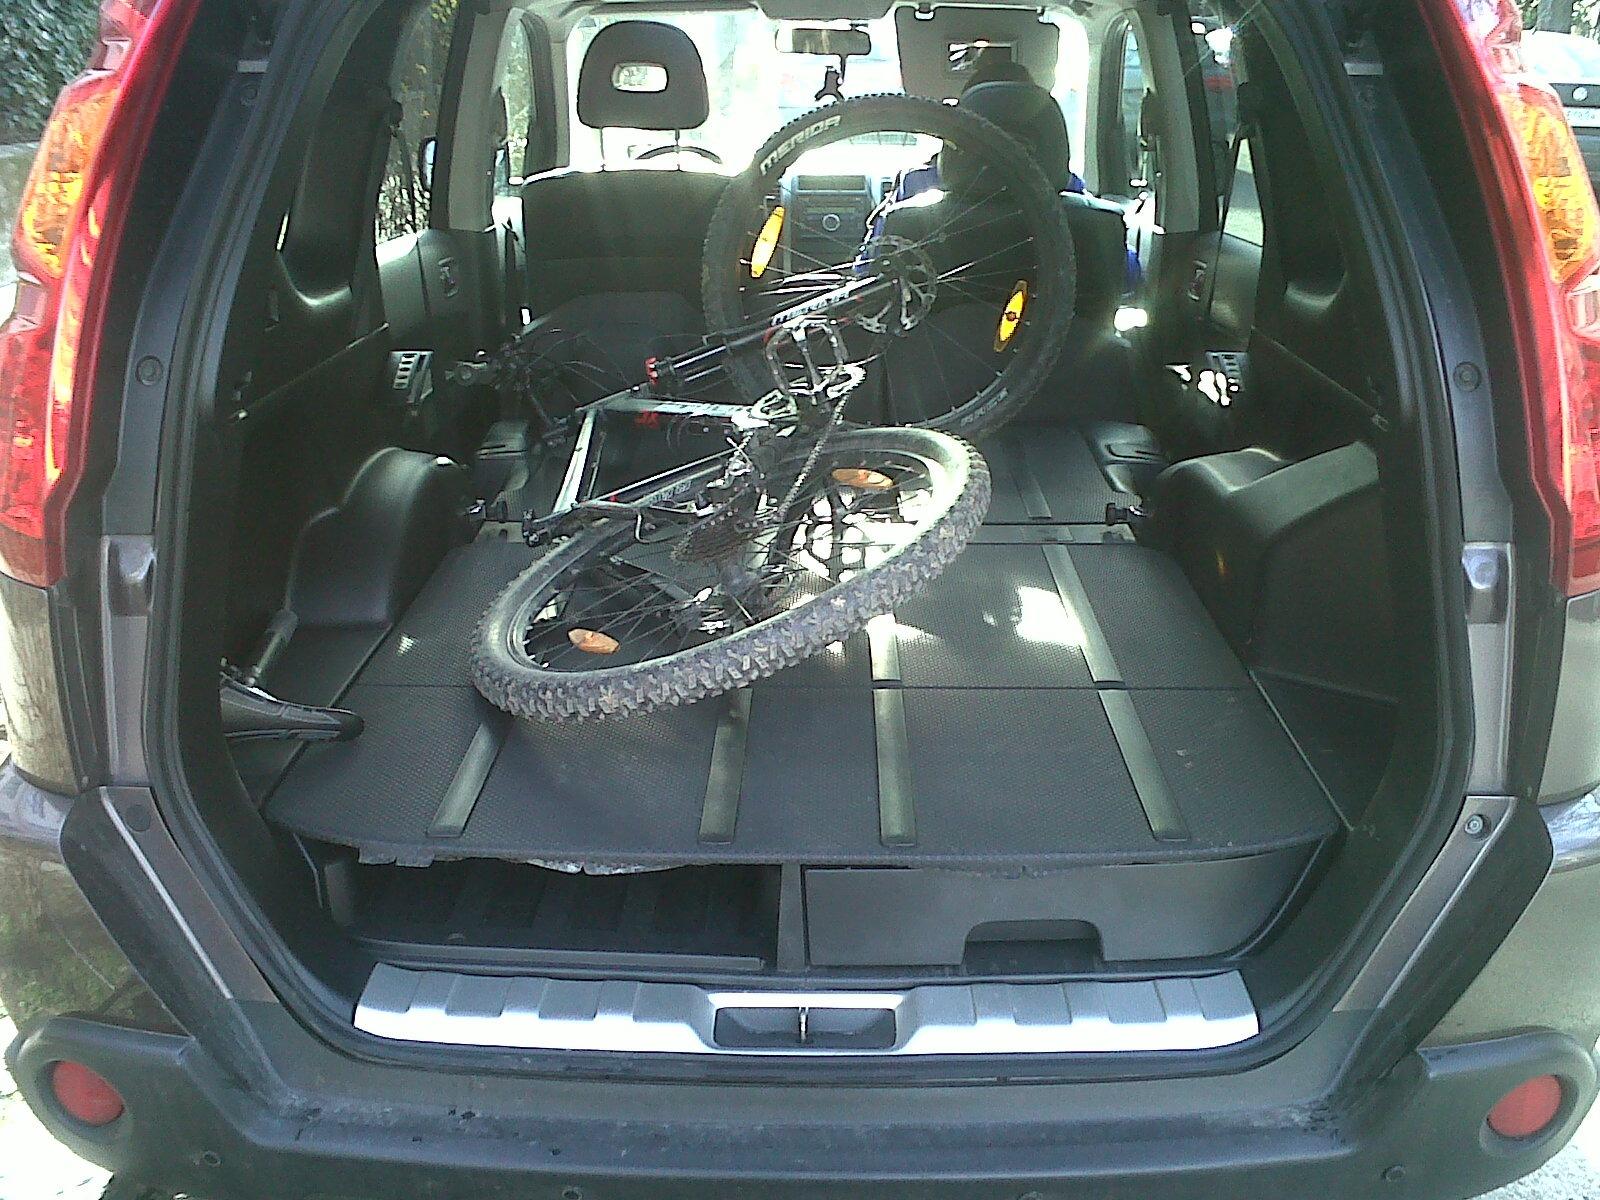 Ниссан х трейл фото багажника